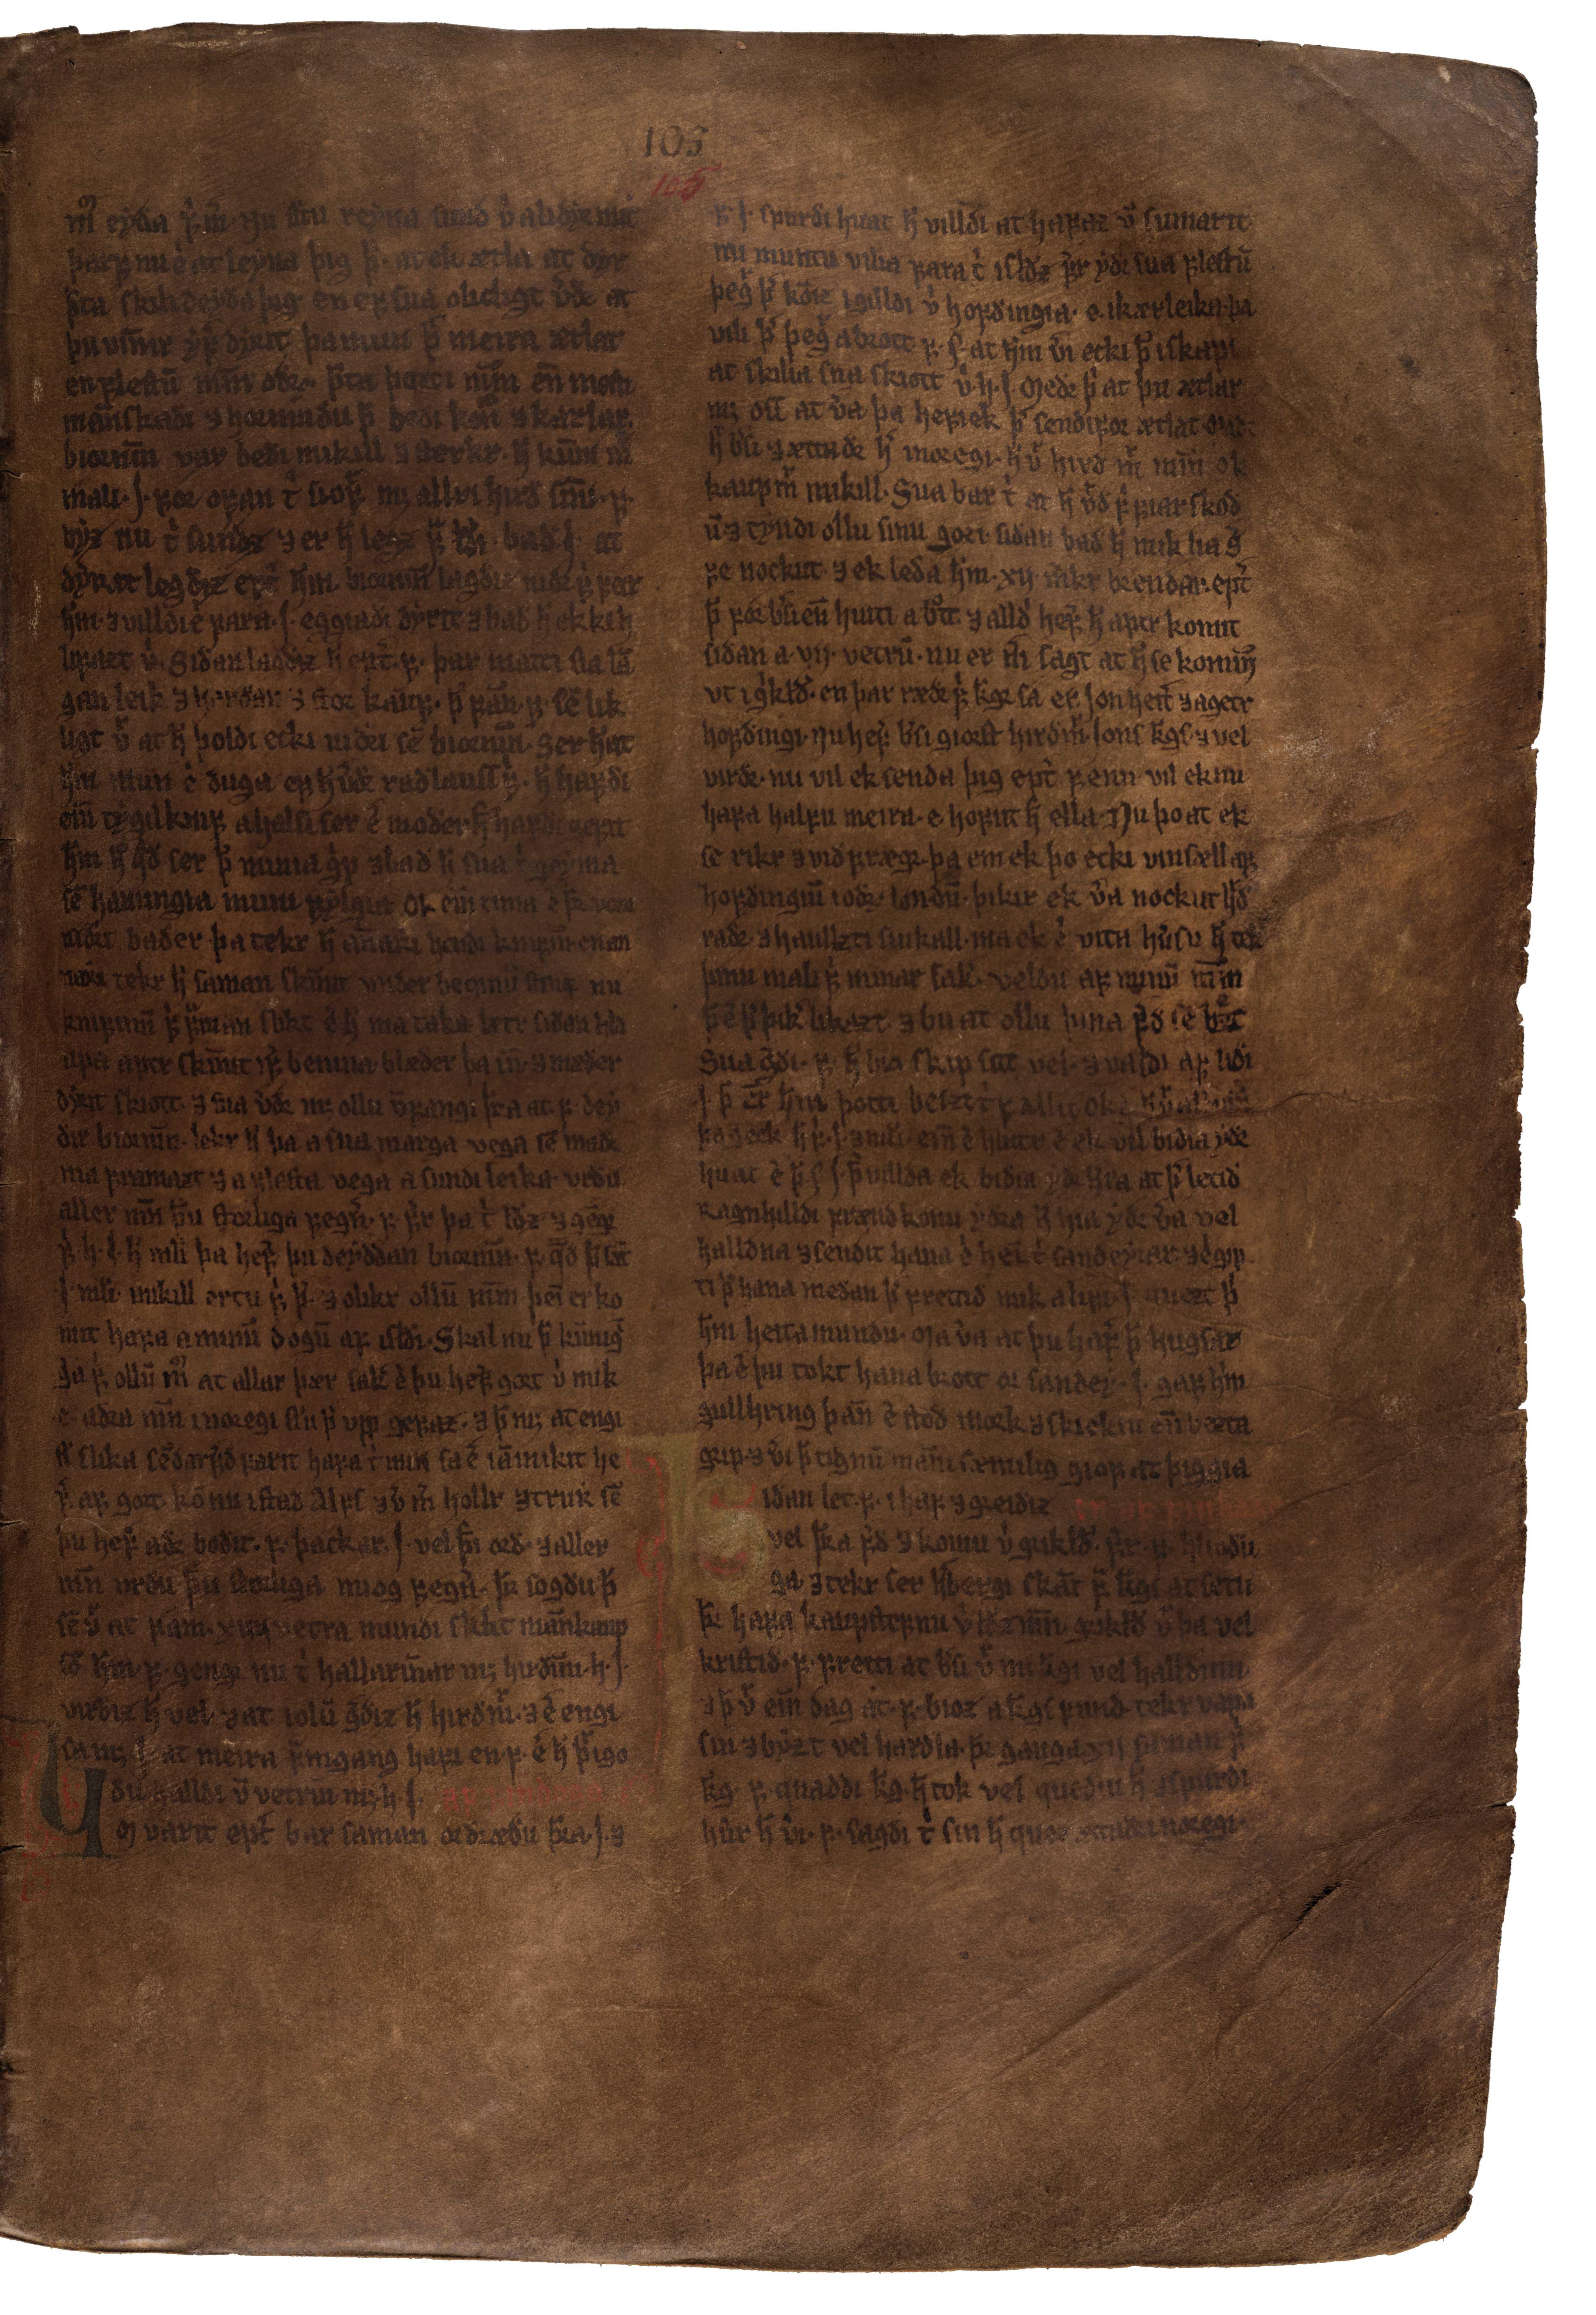 AM 132 fol - 105r